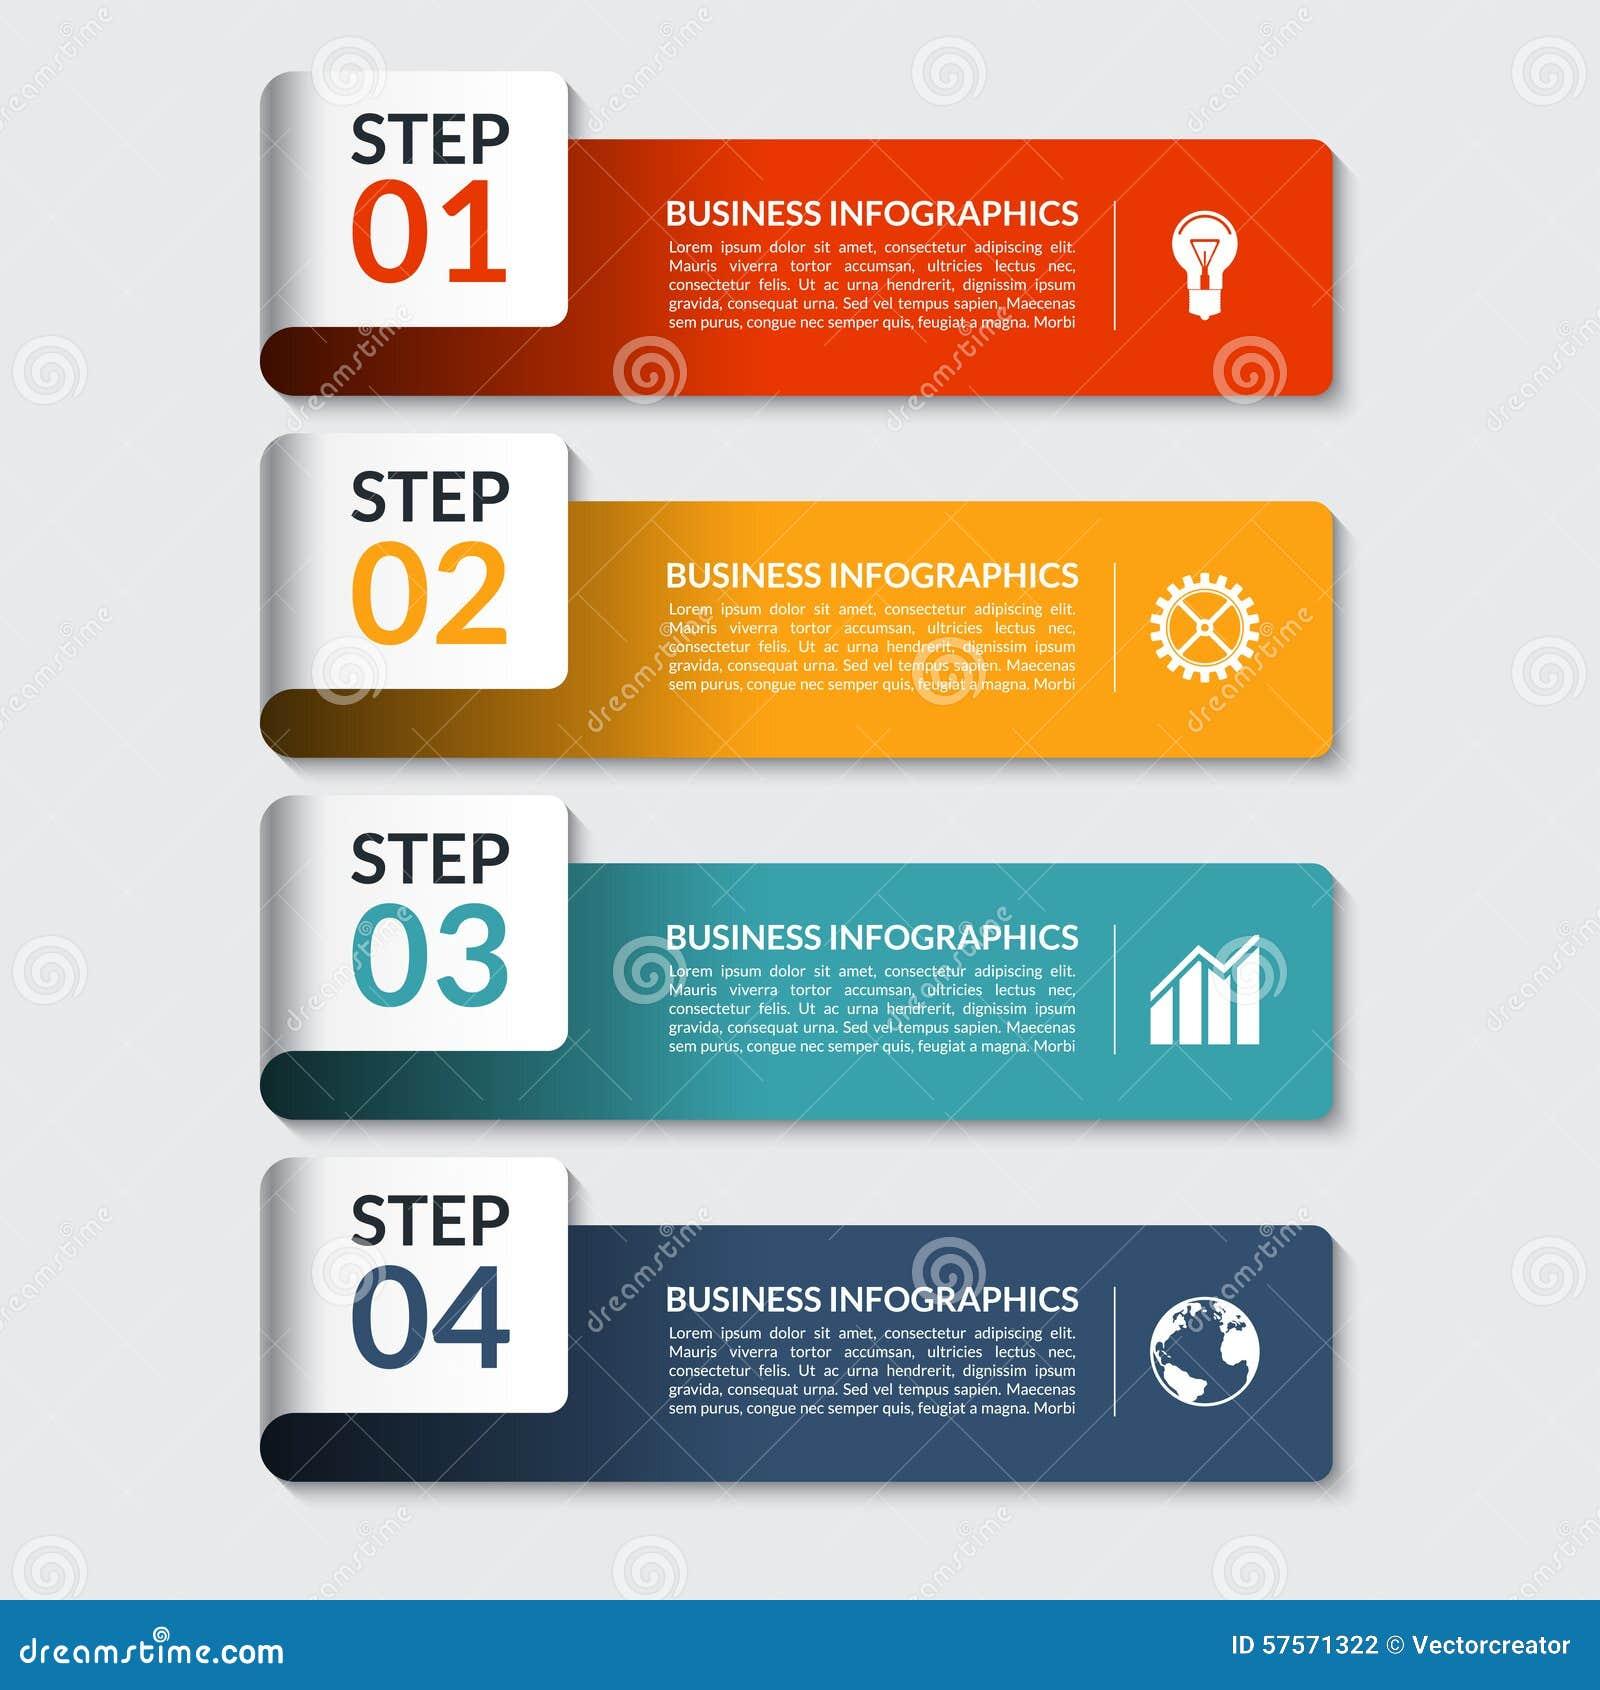 Infographic设计数字横幅模板 能为事务,介绍,网络设计使用